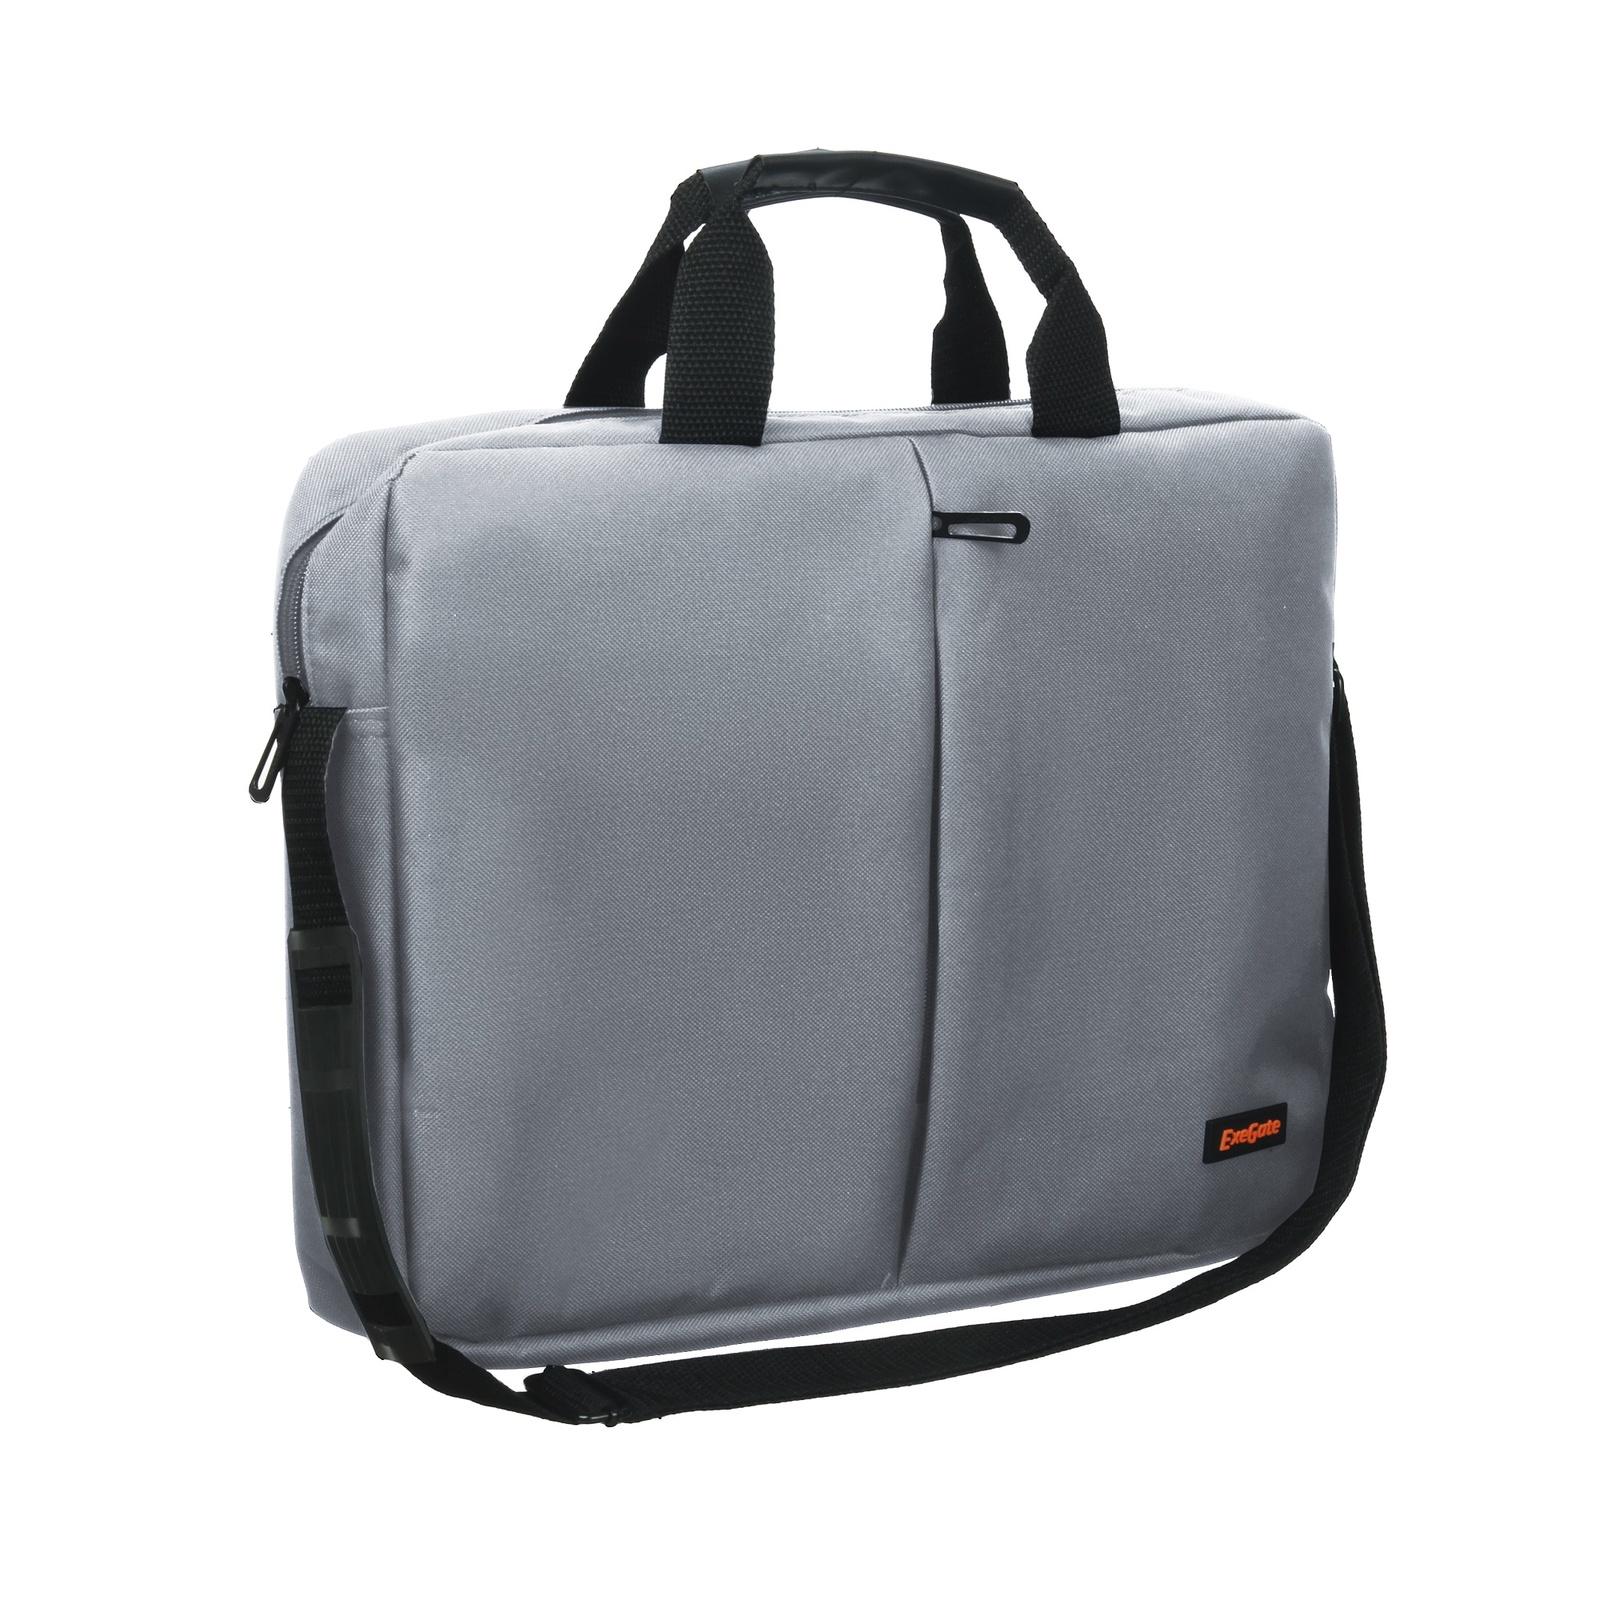 """Сумка Exegate Office F1590 Grey, серая, полиэстер, для ноутбуков до 15.6"""""""